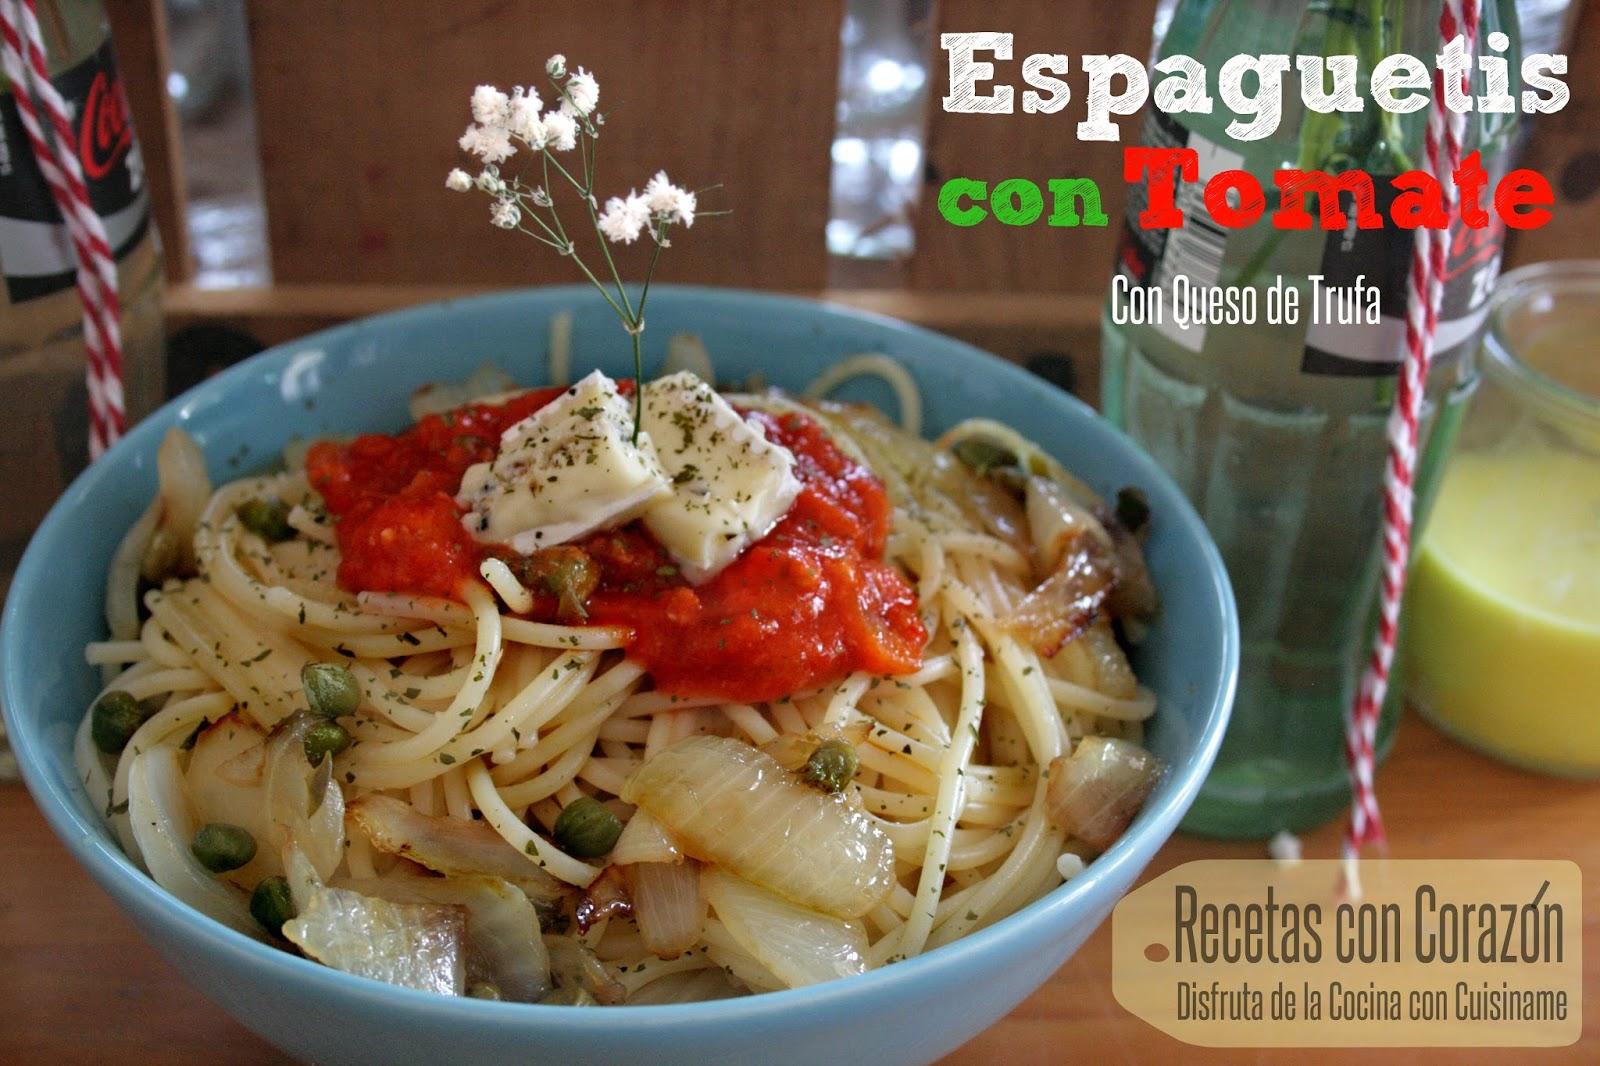 espaguetis, receta de espaguetis, espaguetis con tomate, quesos, pasta, recetas fáciles, espaguetis con tomate receta, receta originales, recetas de cocina, cuisiname